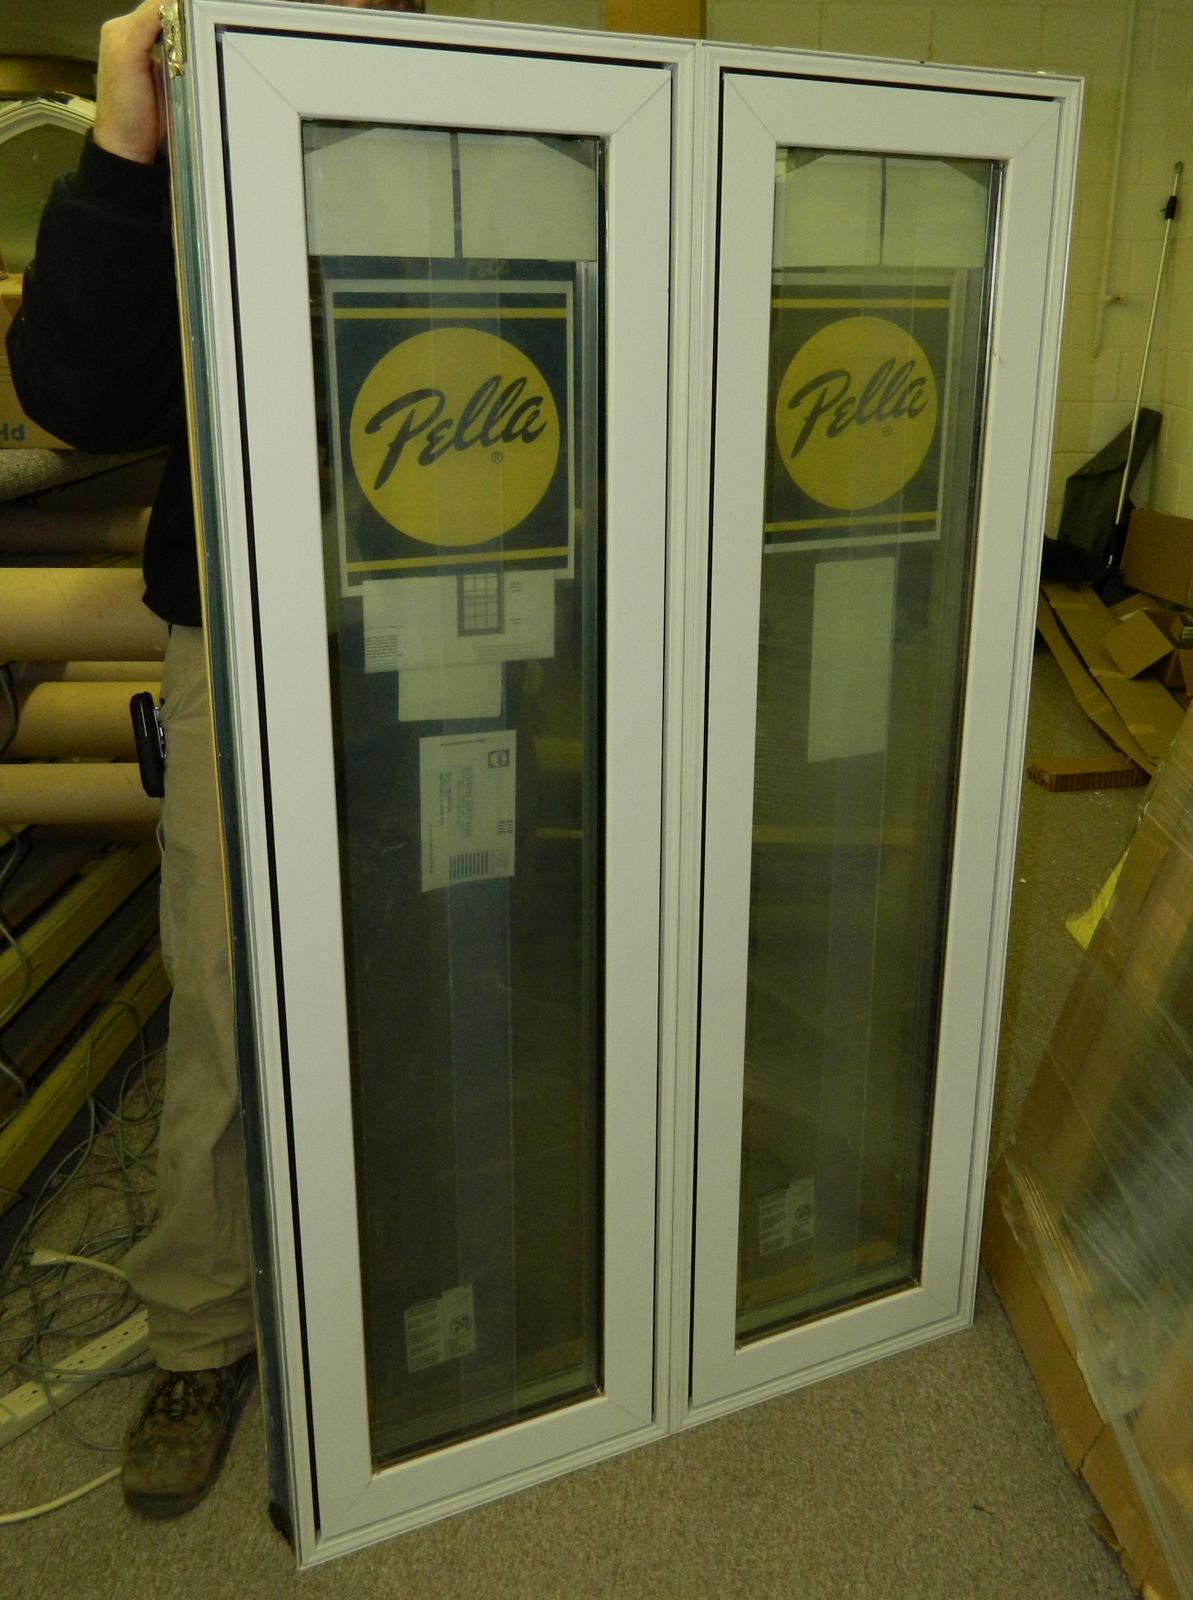 Pella windows and doors window 2 wide casement window for Pella casement window screens